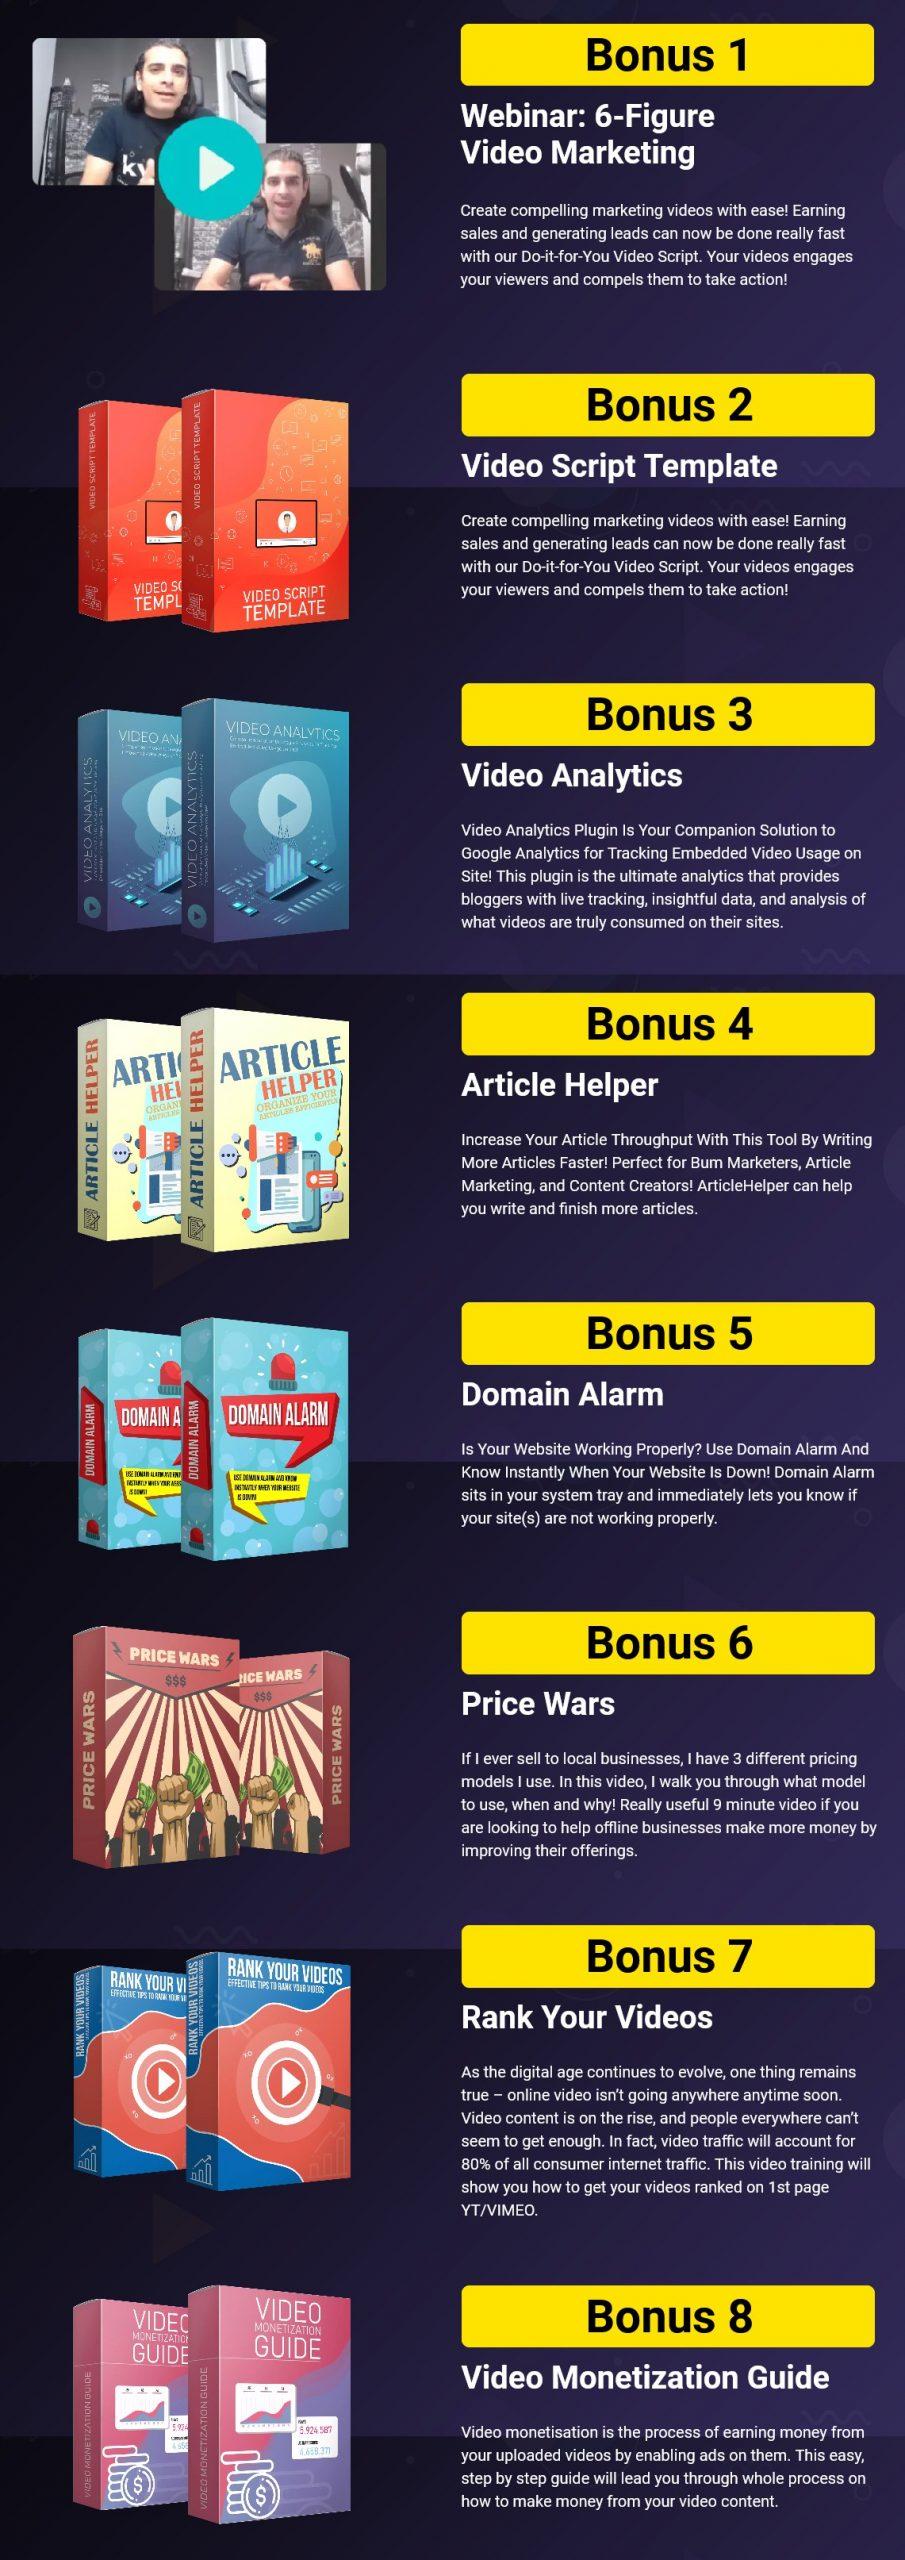 GrabVid-bonus